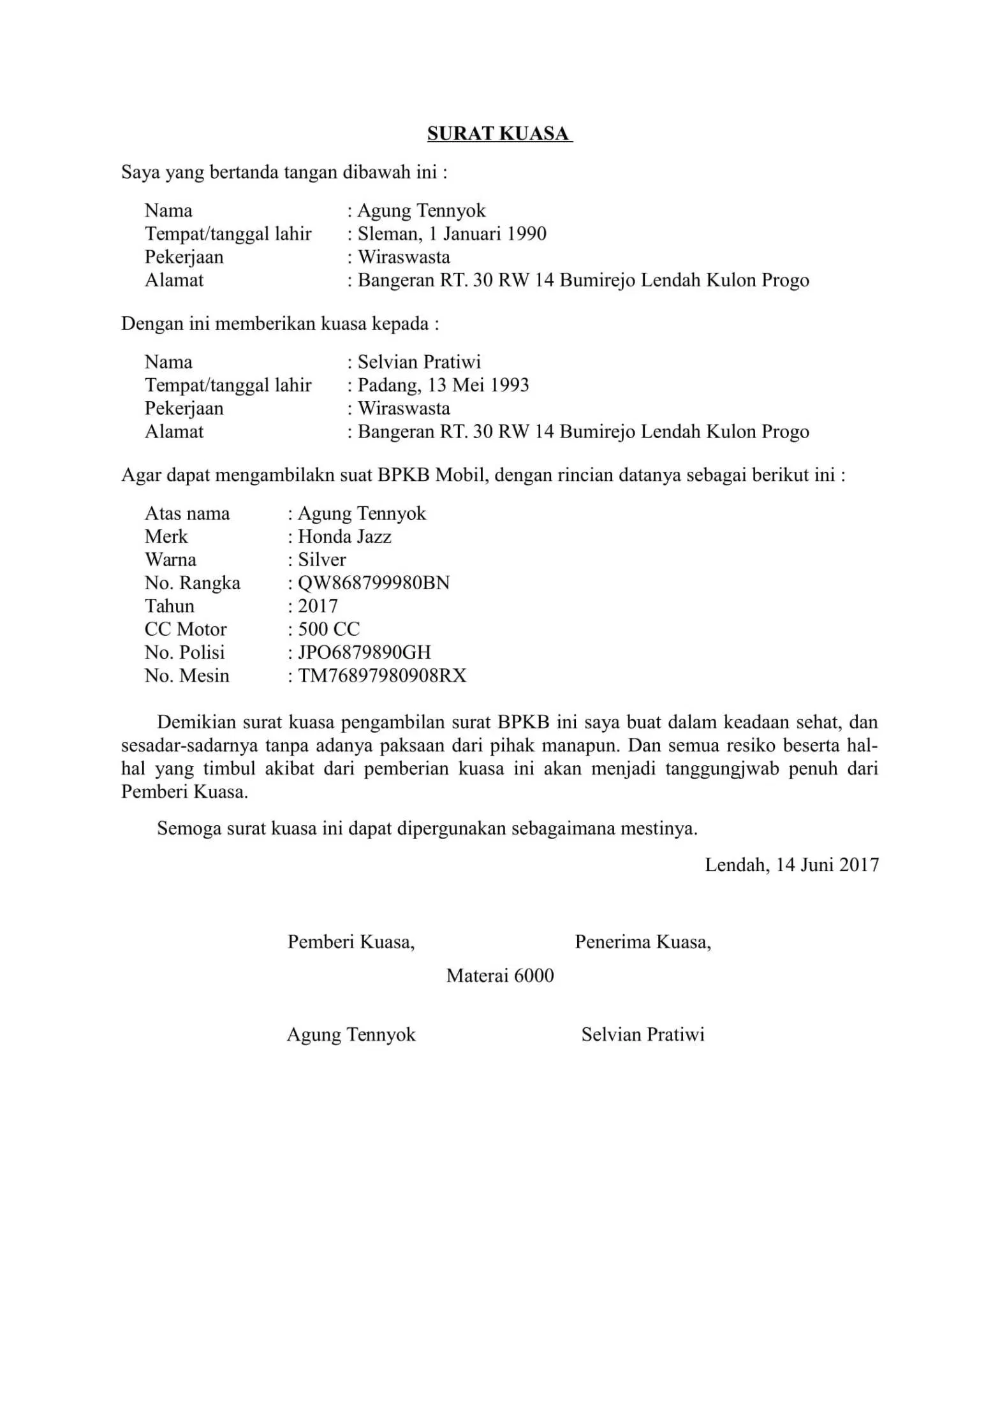 Download Contoh Surat Kuasa Doc Untuk Berbagai Keperluan